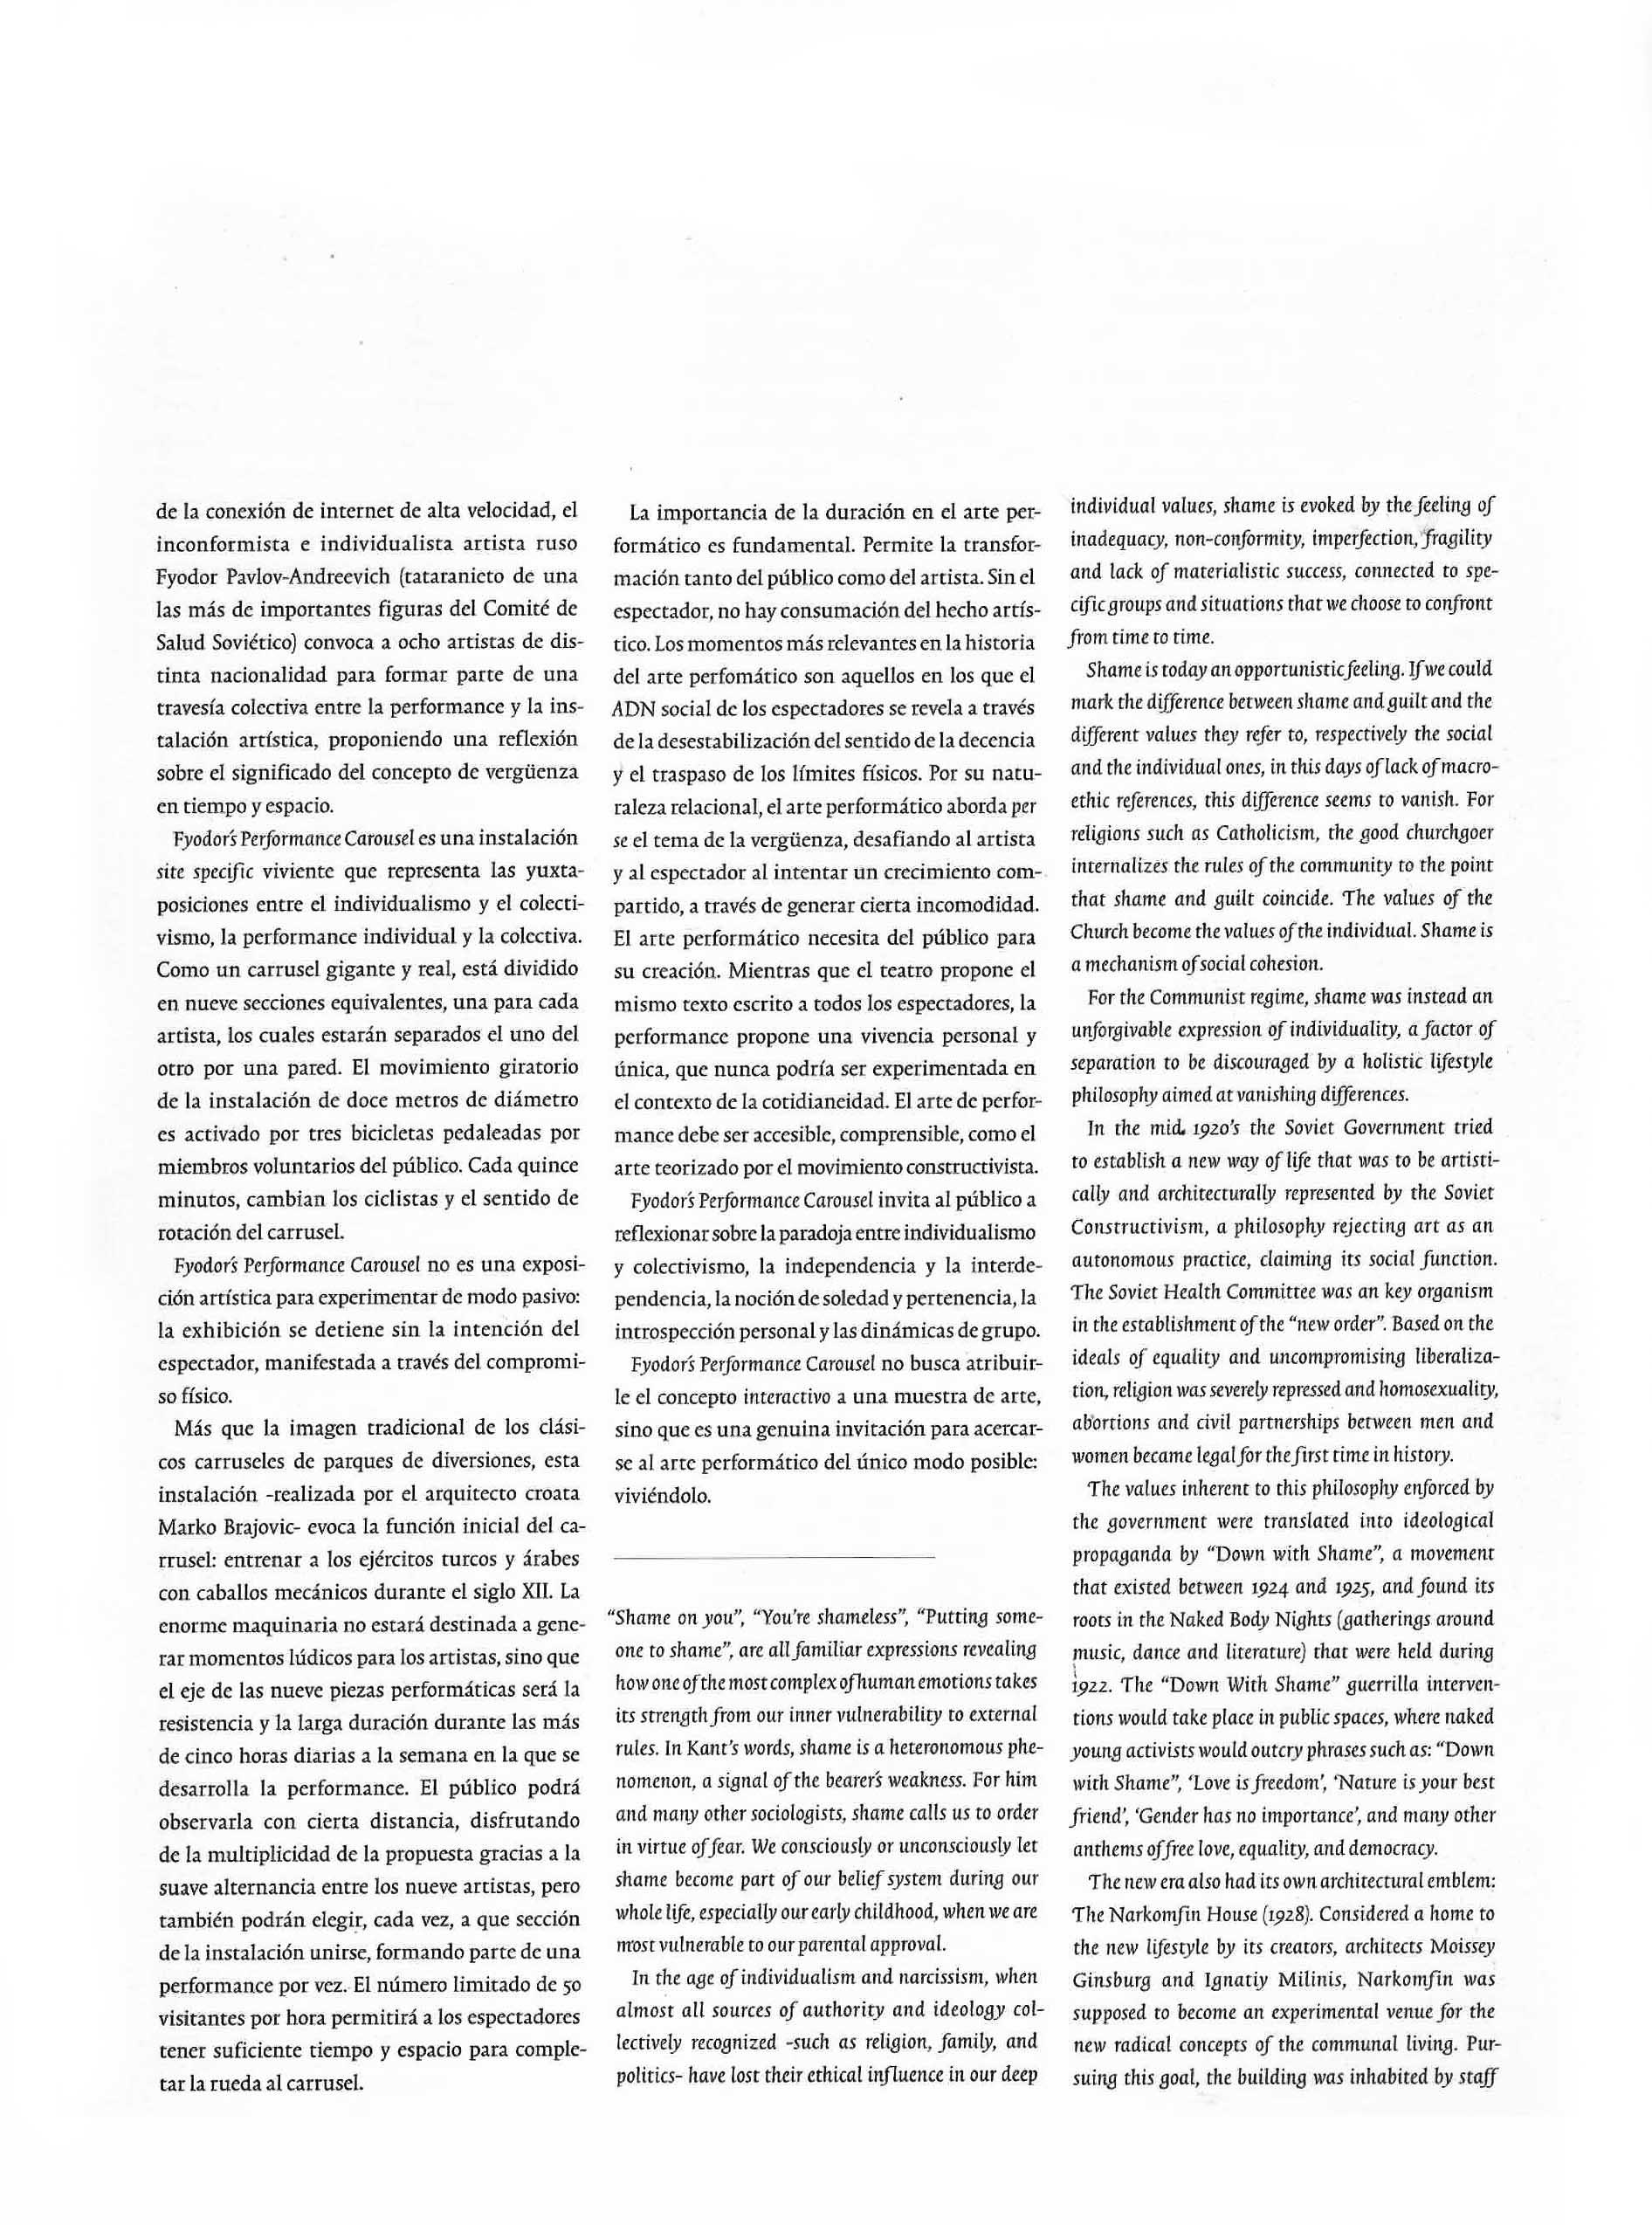 FAENA_catalogue6.jpg